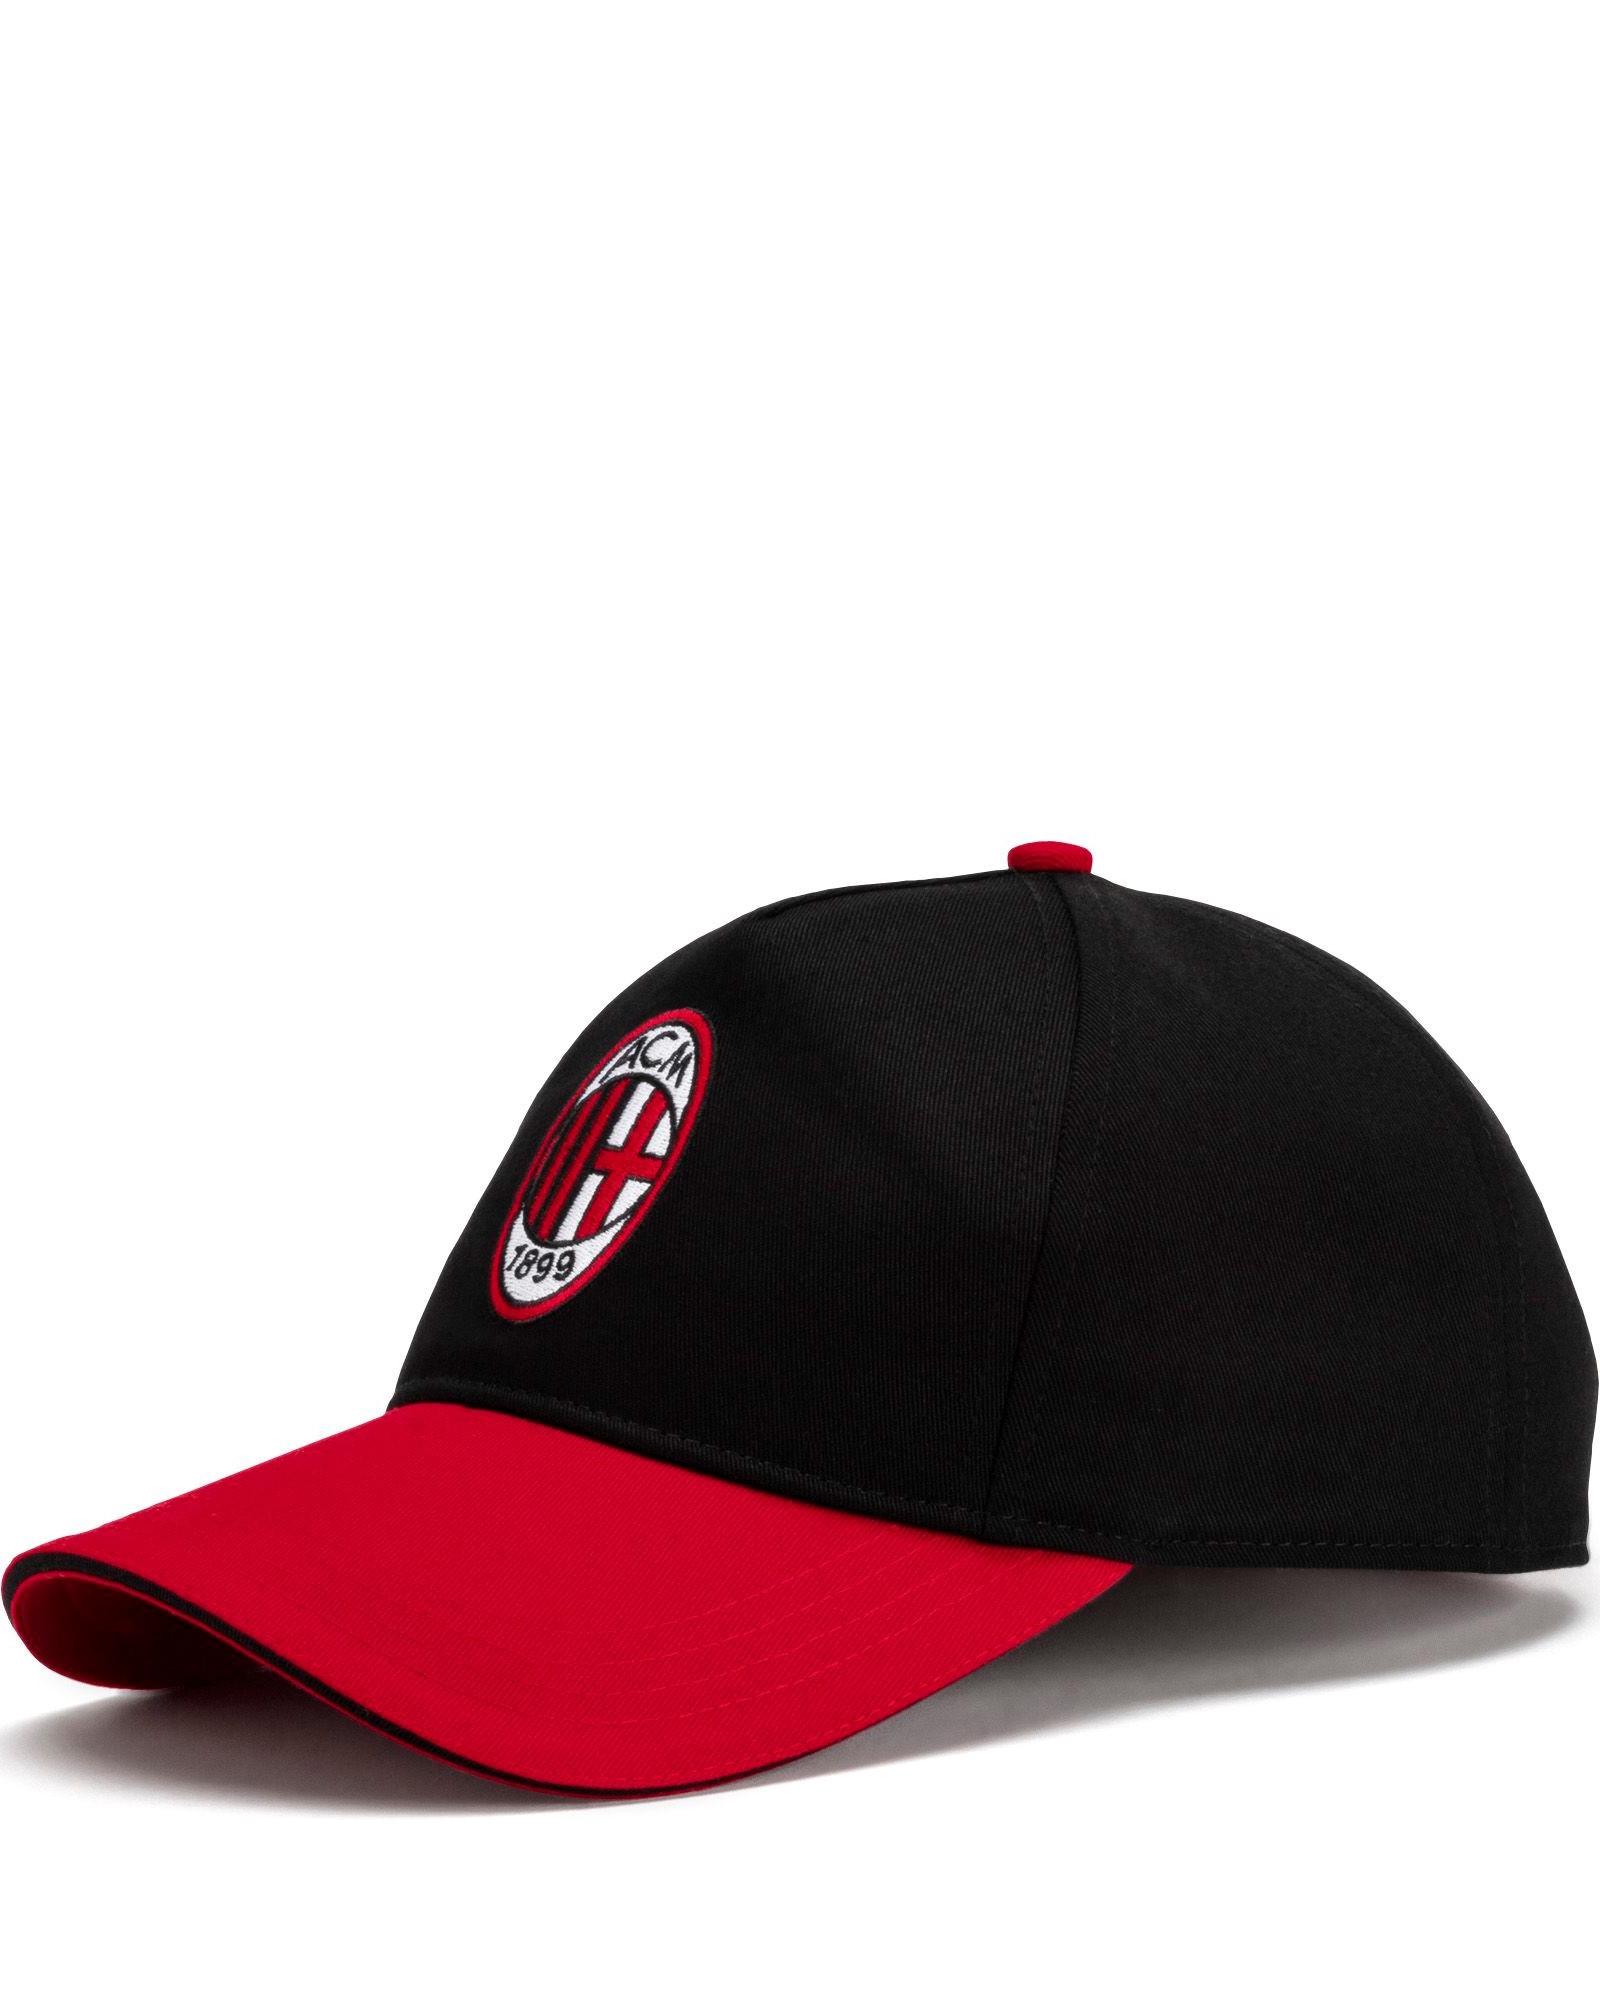 AC MILAN PUMA Cappello Berretto Hat tg tg Unisex Nero Cotone 2019 20